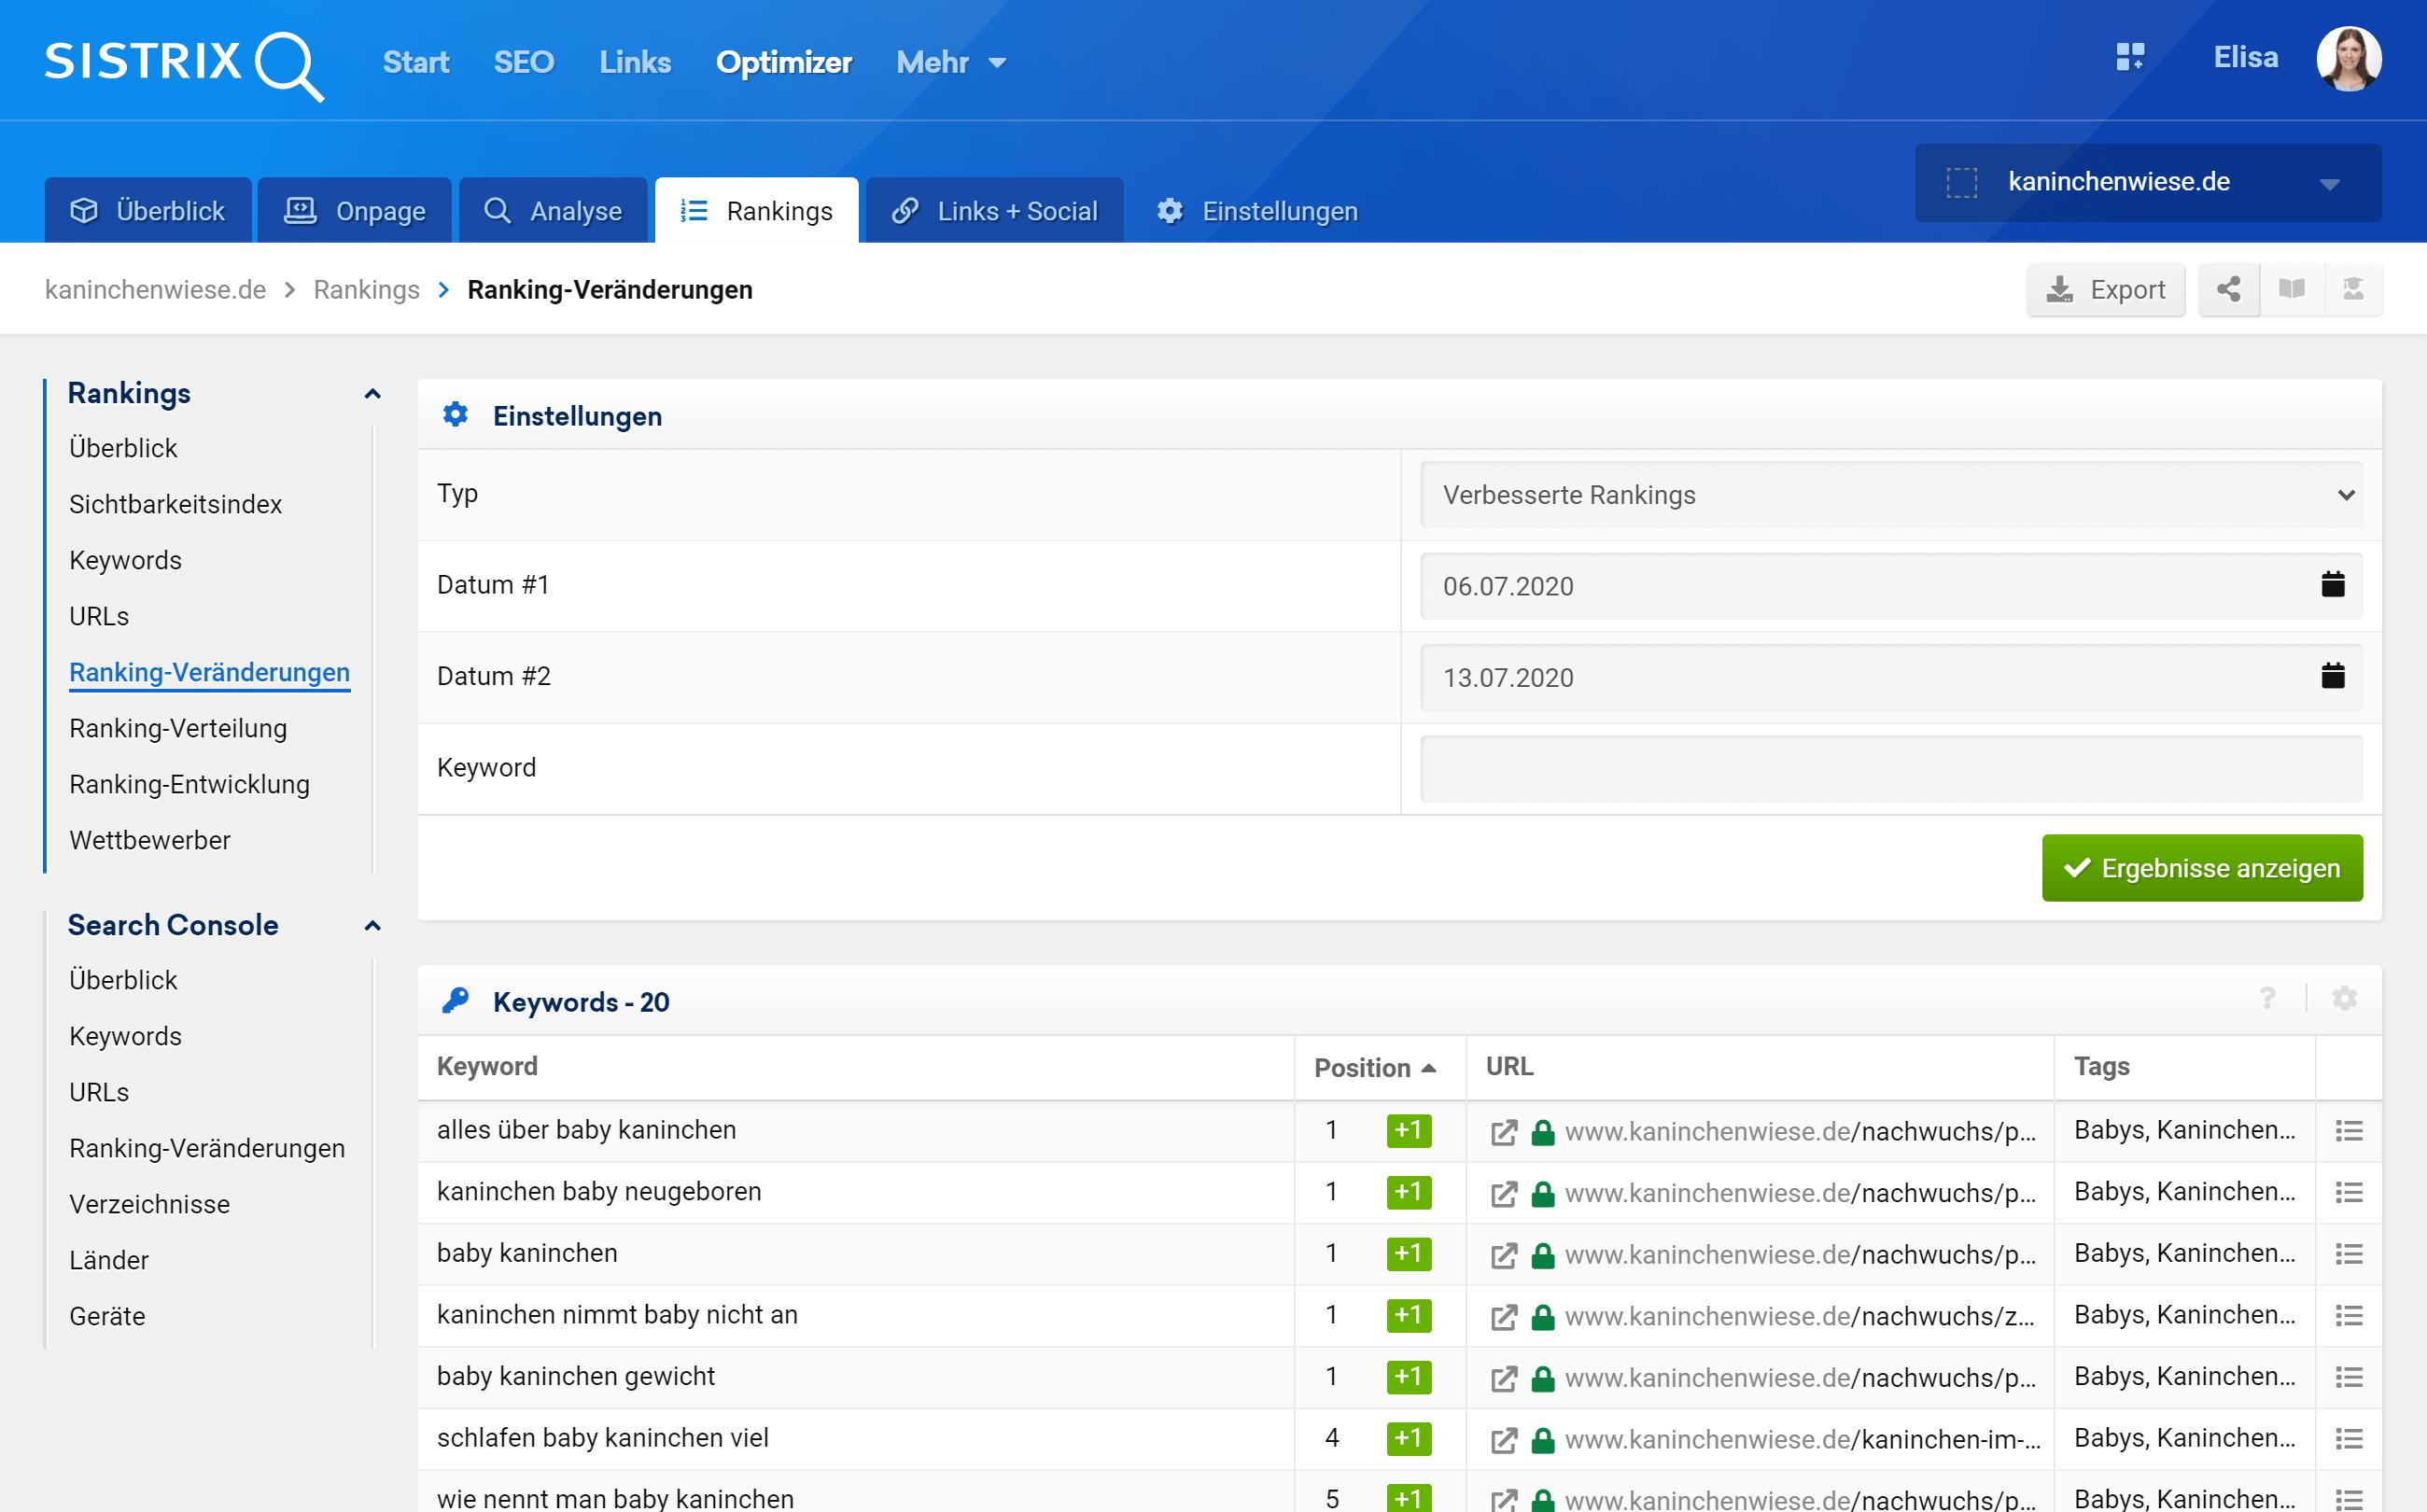 Der Bereich Ranking Veränderungen in dem SISTRIX Optimizer